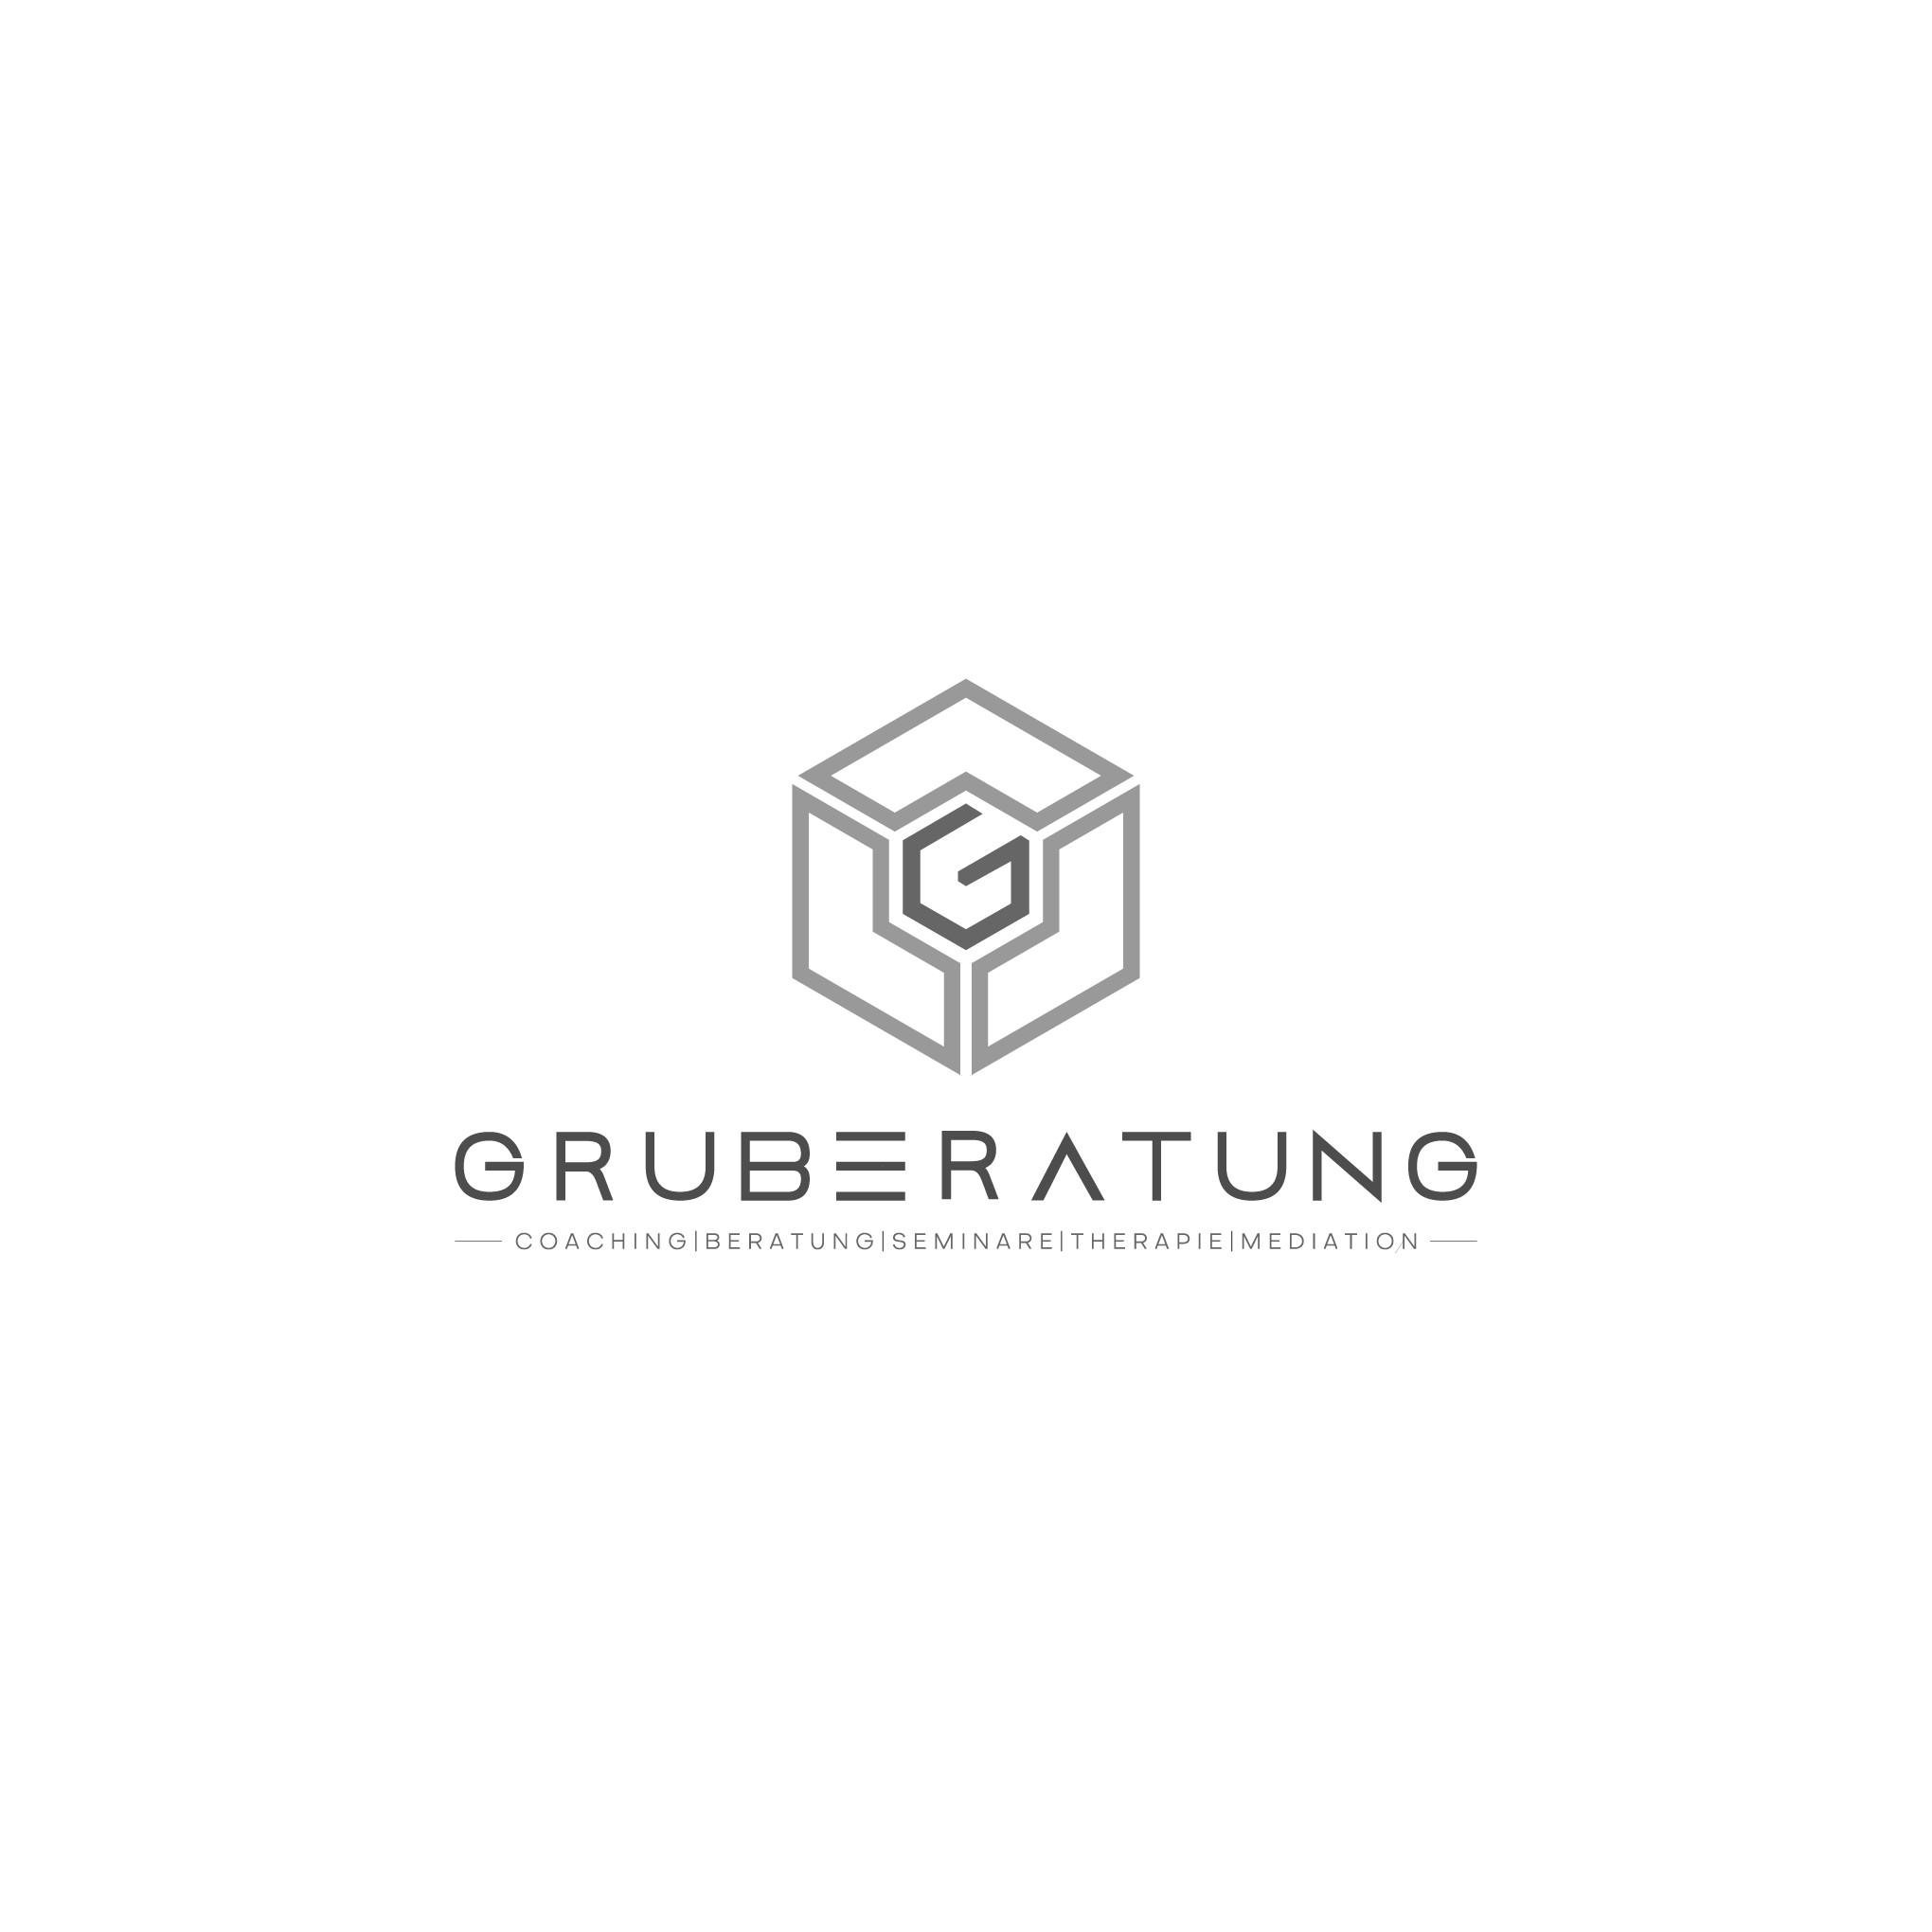 CI_GRUBERATUNG